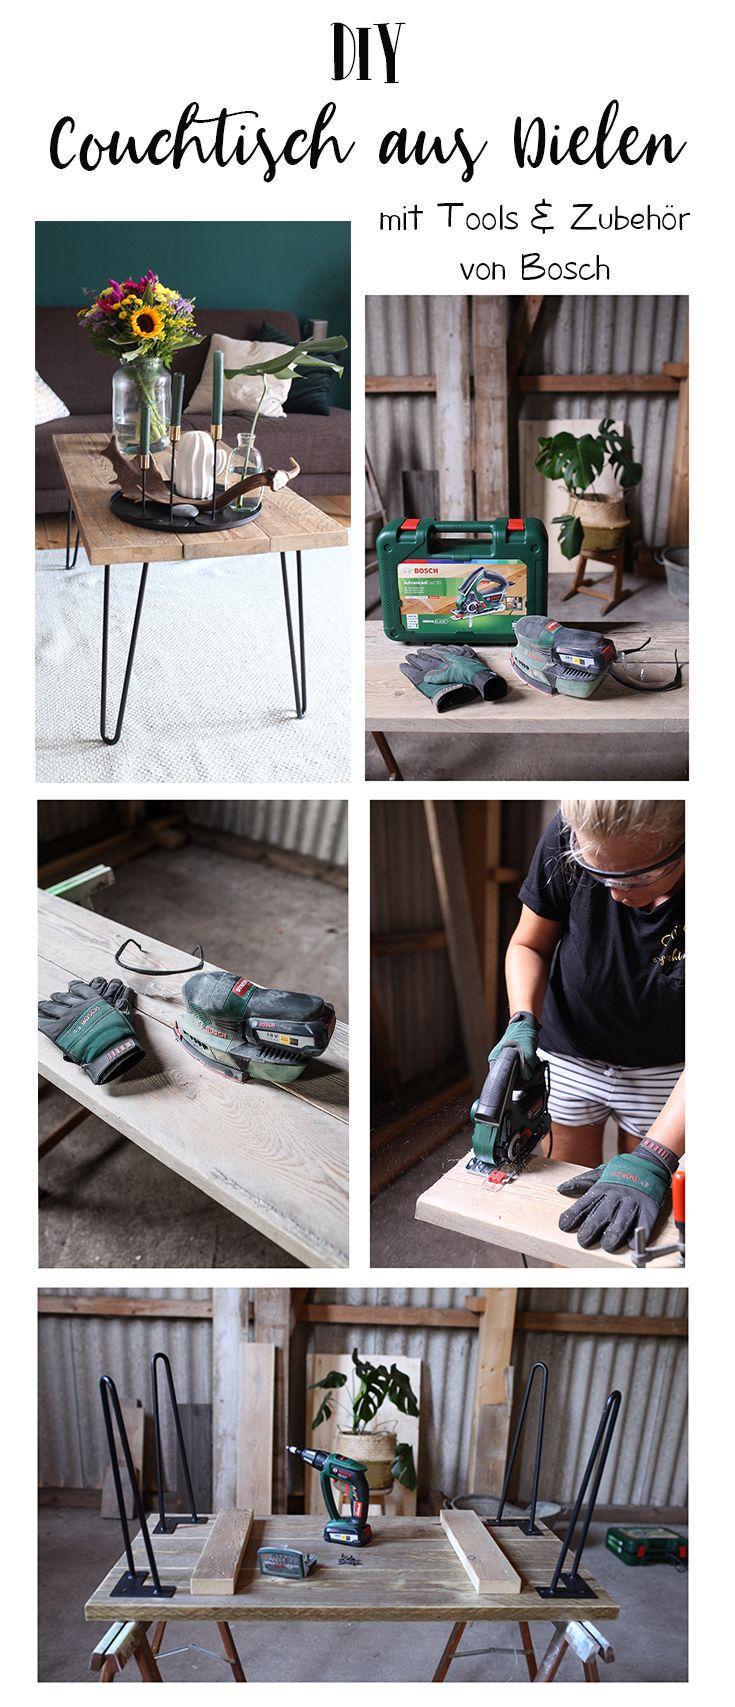 DIY Couchtisch aus Gerüstbohlen ein Projekt mit Tools von BOSCH